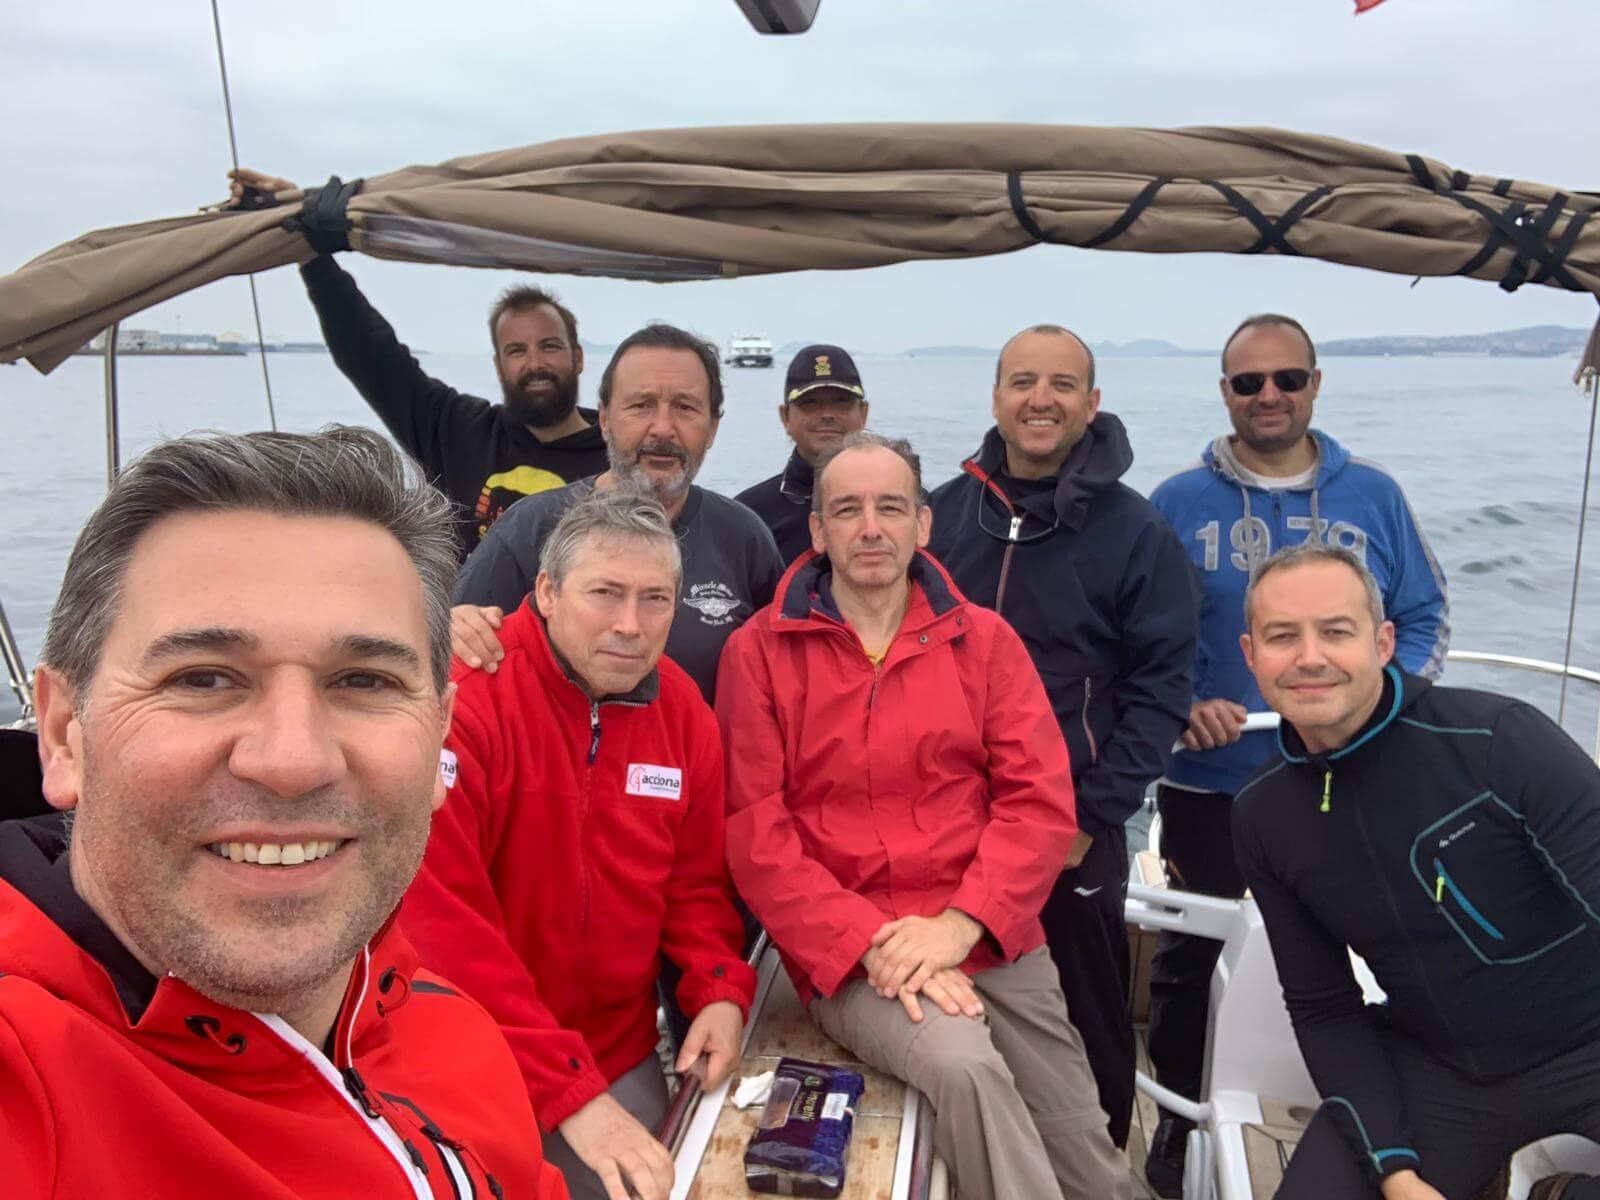 Practica_de_capitan_yate_titulaciones_nauticas_sailway